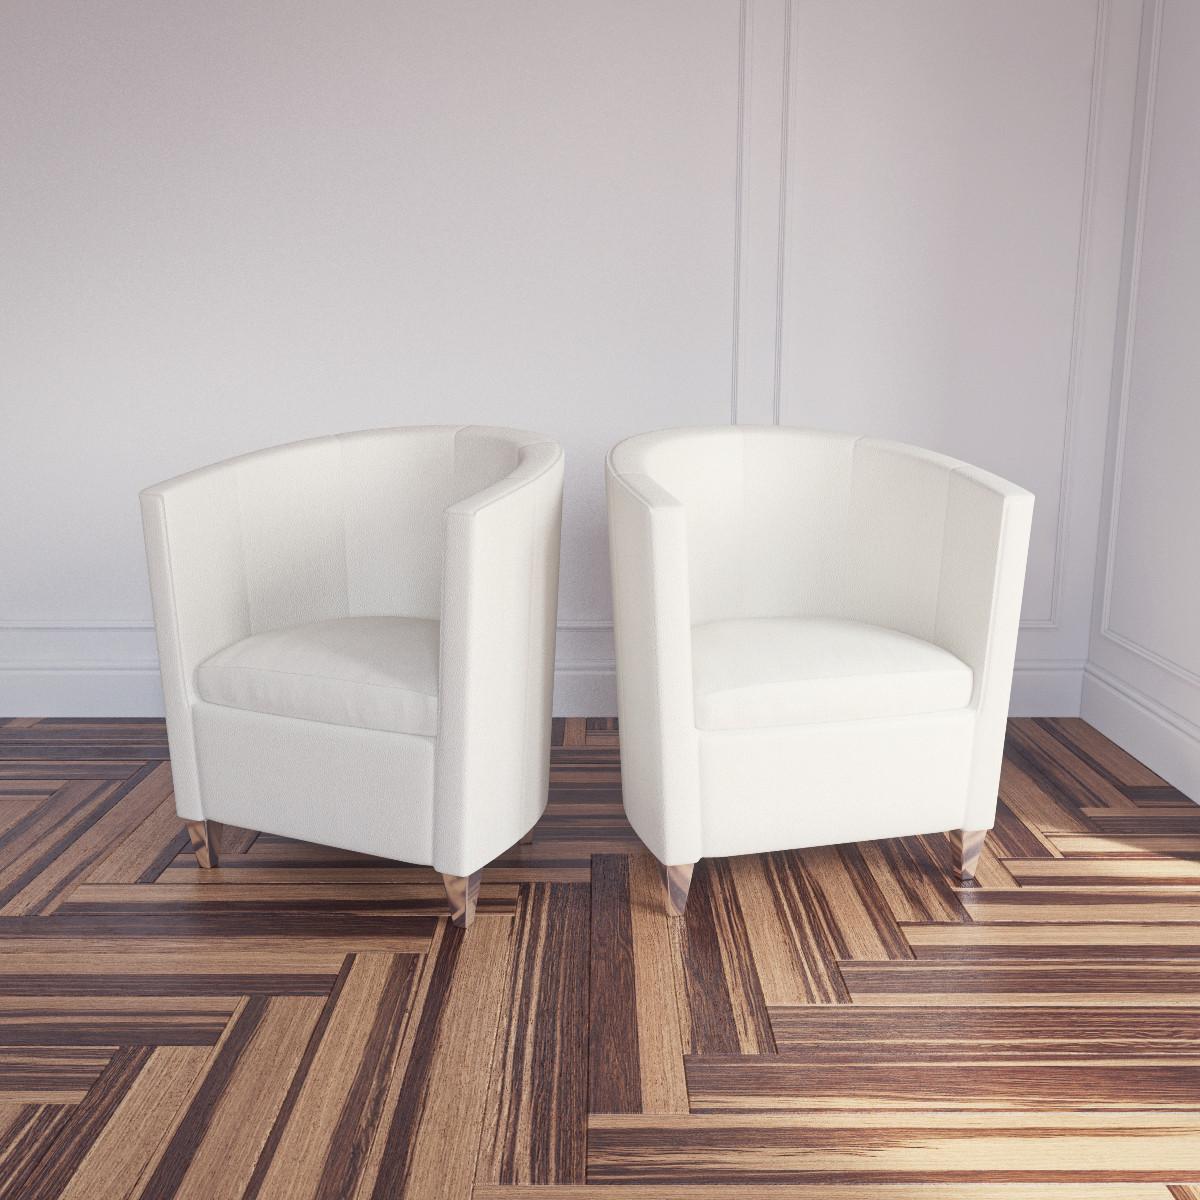 3d john bronco armchair topdeq model